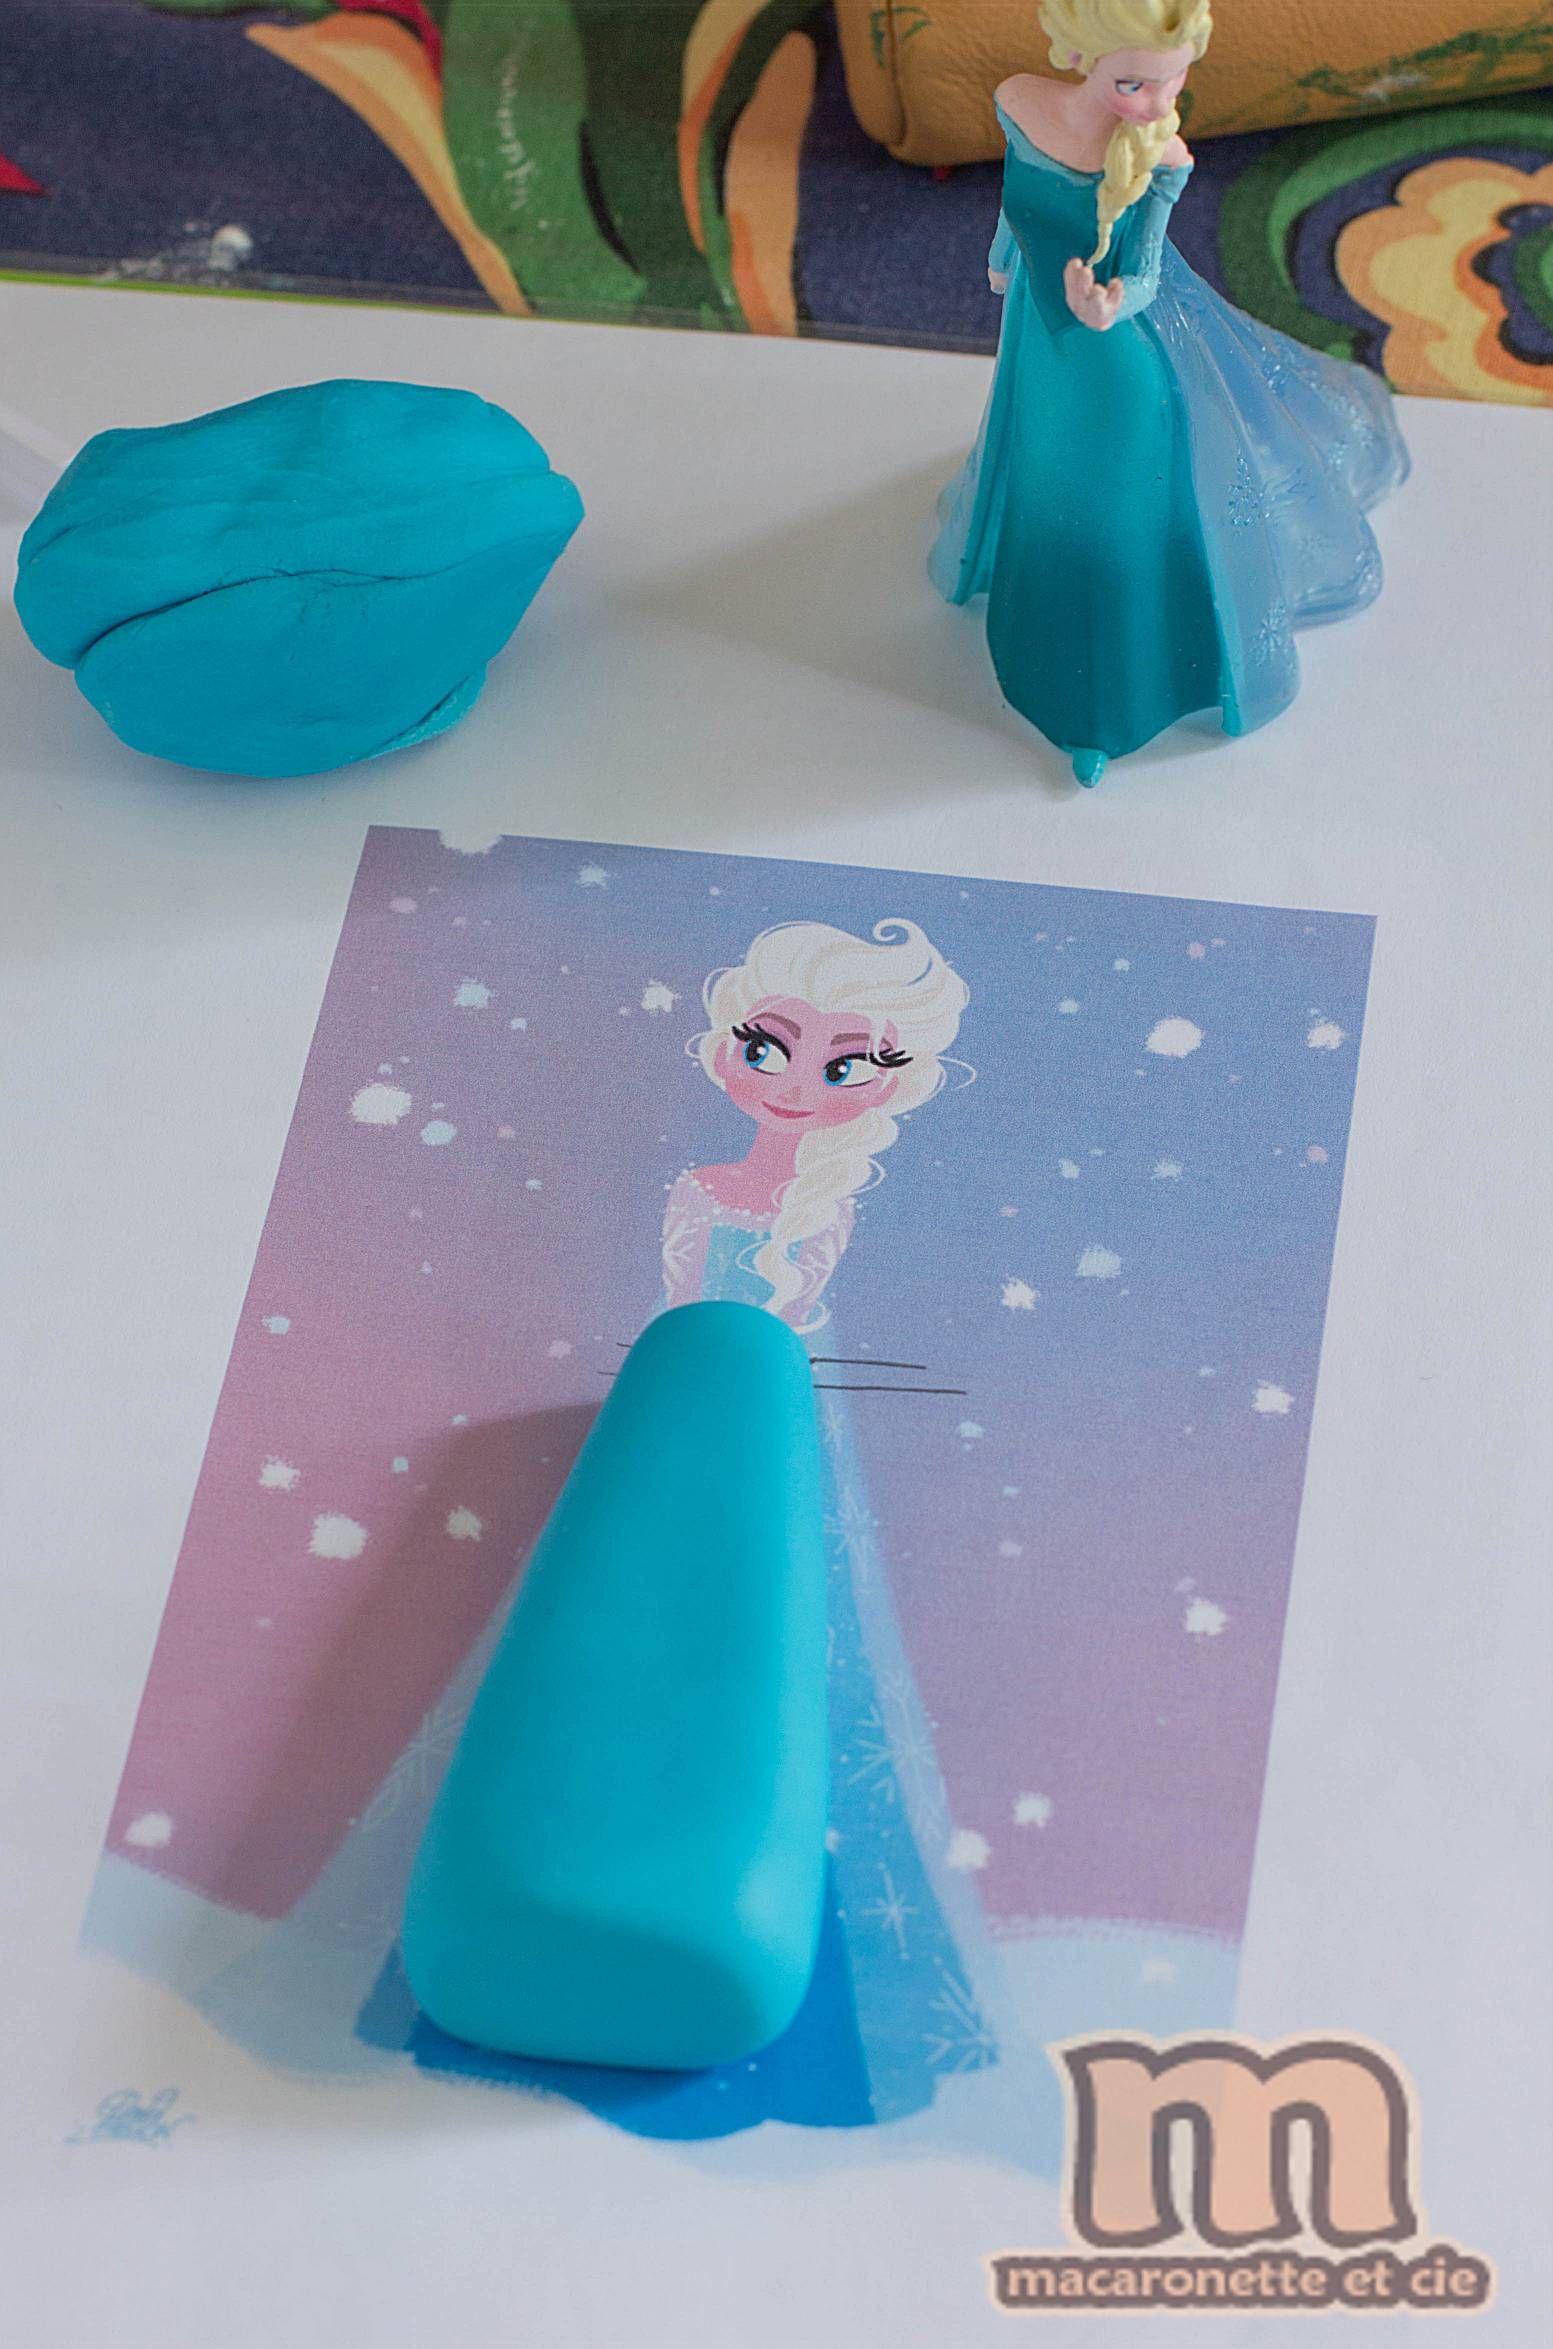 template pour r aliser la reine des neiges en p te sucre. Black Bedroom Furniture Sets. Home Design Ideas